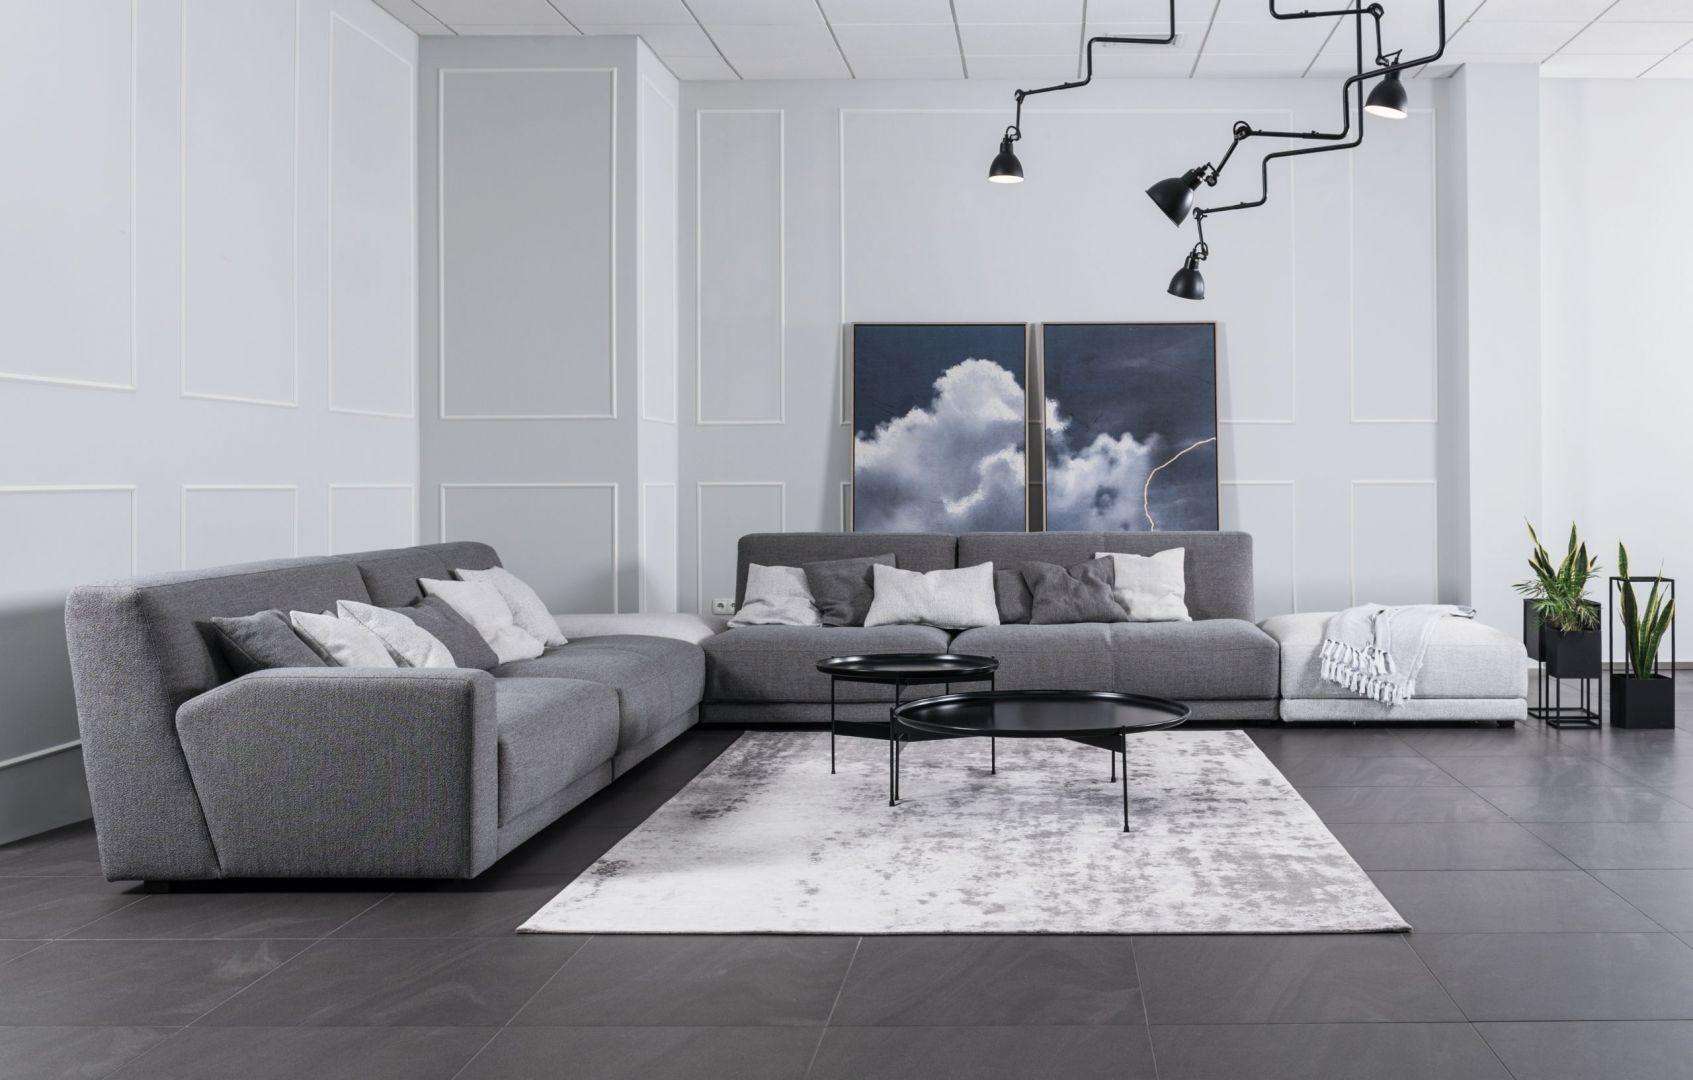 Modułowa kolekcja BoOne to propozycja dla miłośników ponadczasowej klasyki. Fot. Inspirium